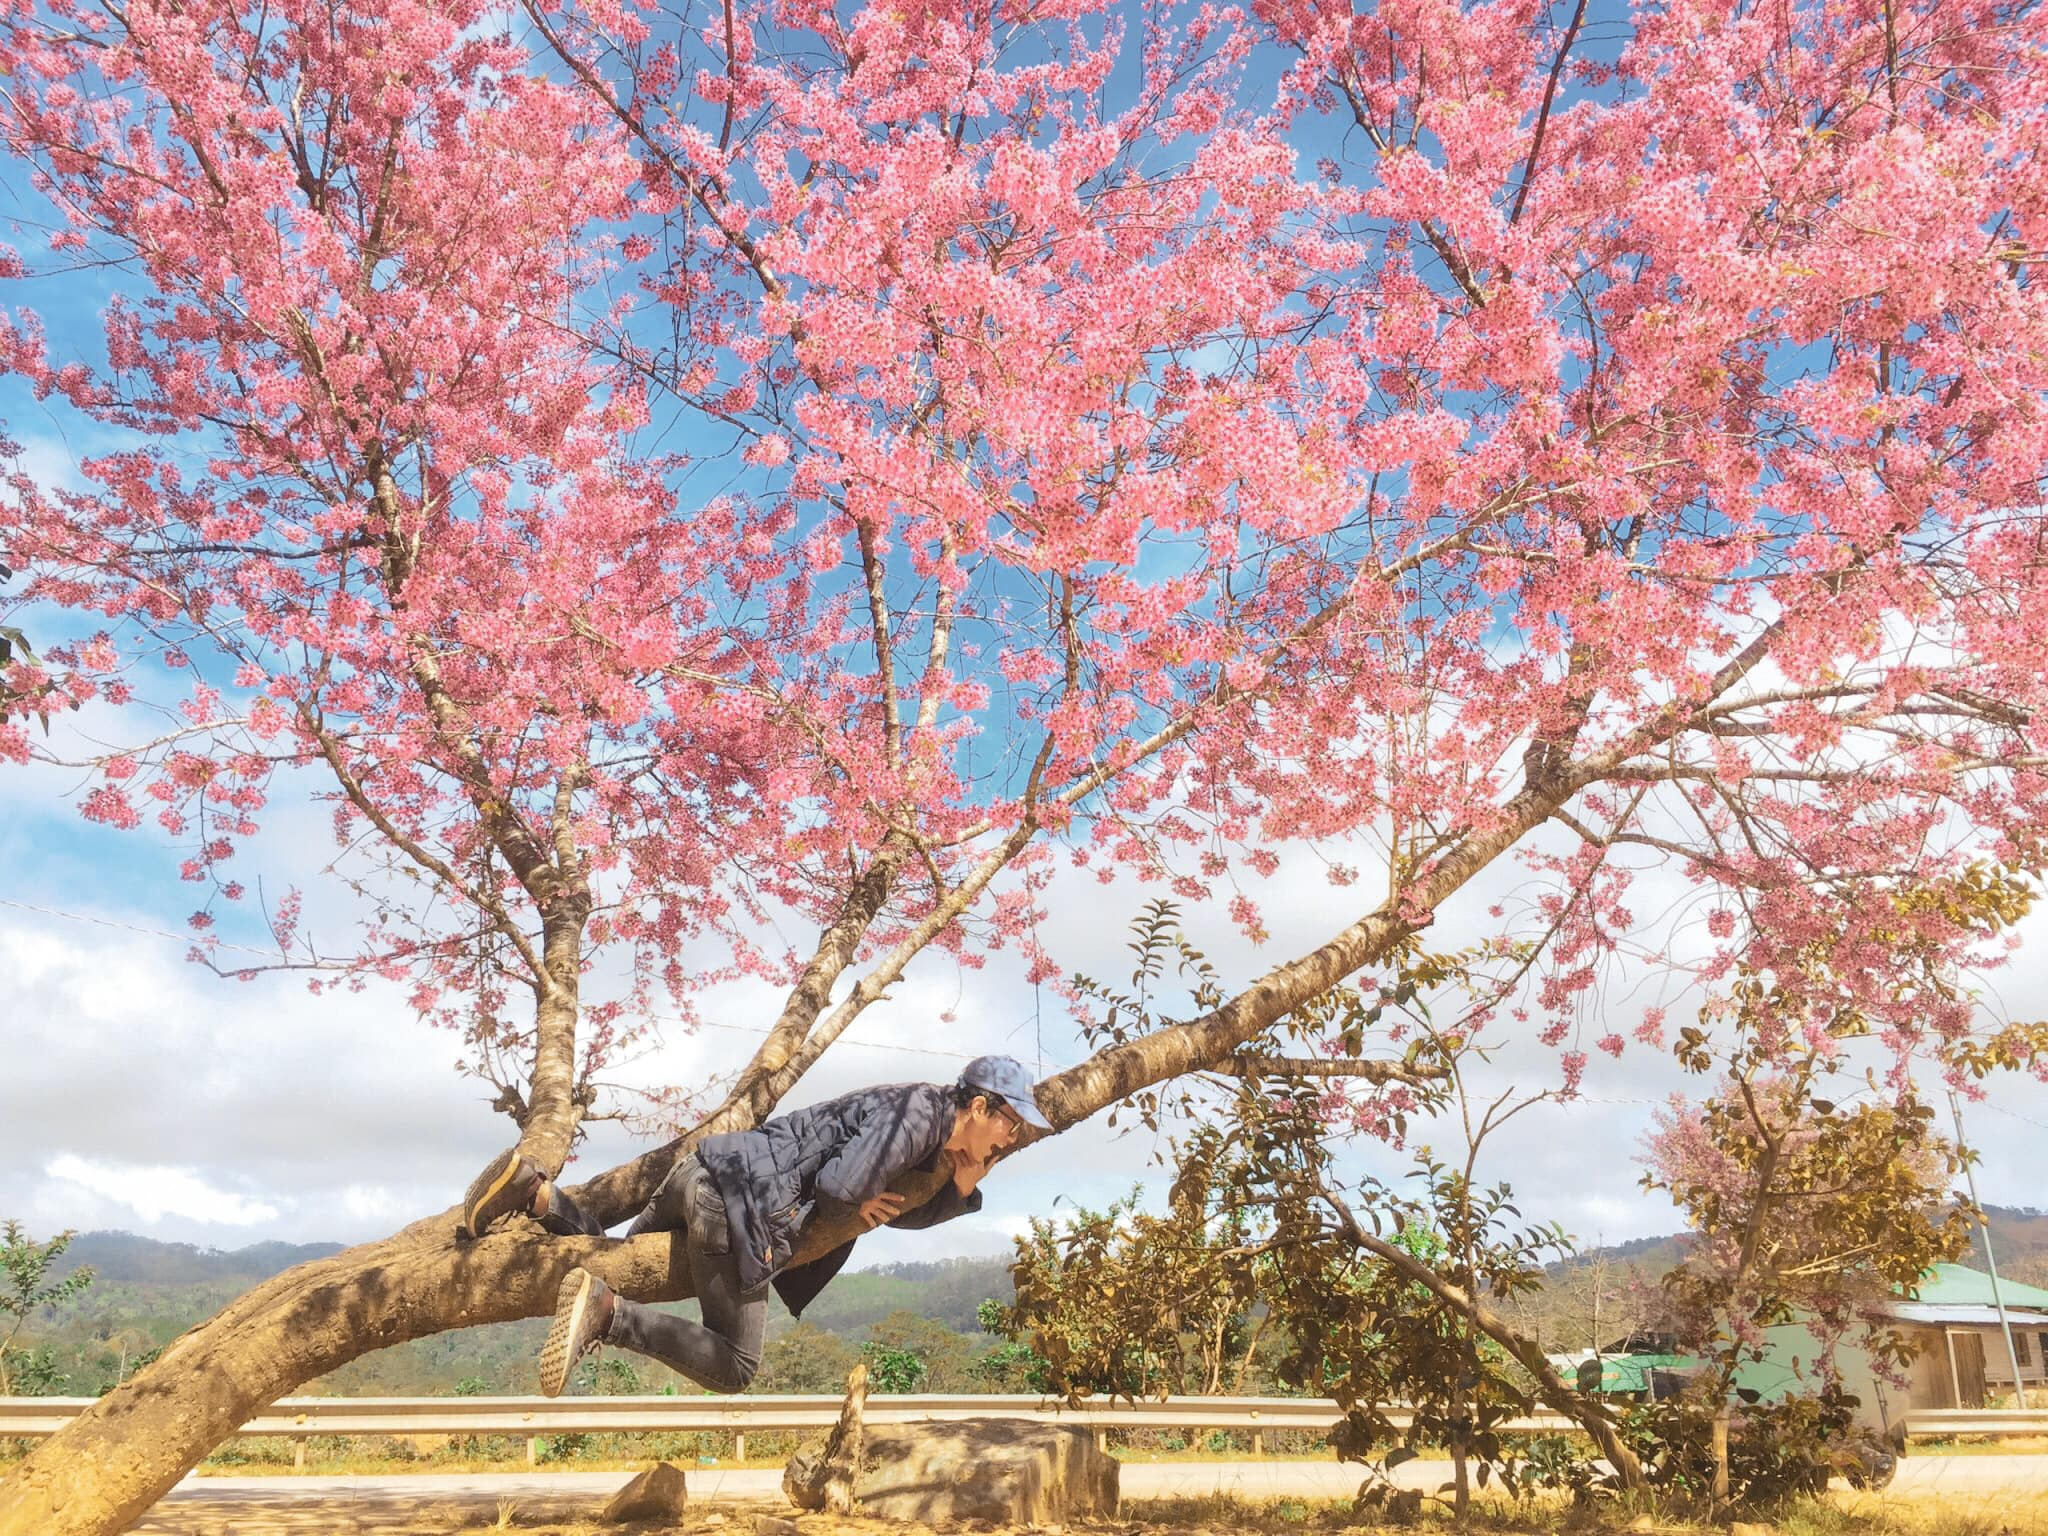 Đà Lạt, mùa hoa mai anh đào, du lịch đà lạt tháng 12, có một nhật bản giữa lòng đà lạt, penthouse ở trên đà lạt, đà lạt tháng 12